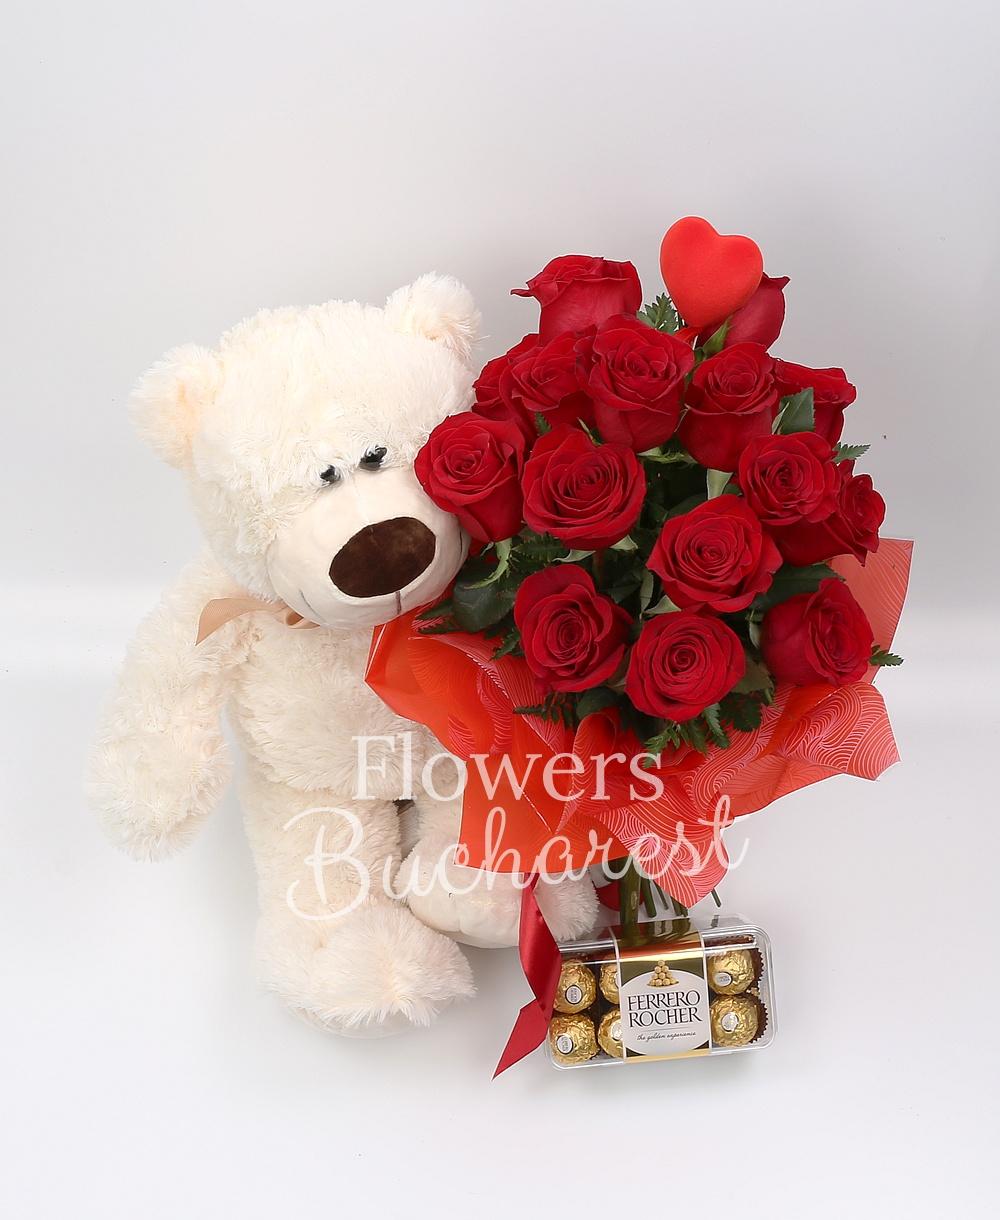 15 roses, big teddy bear, Ferrero Rocher